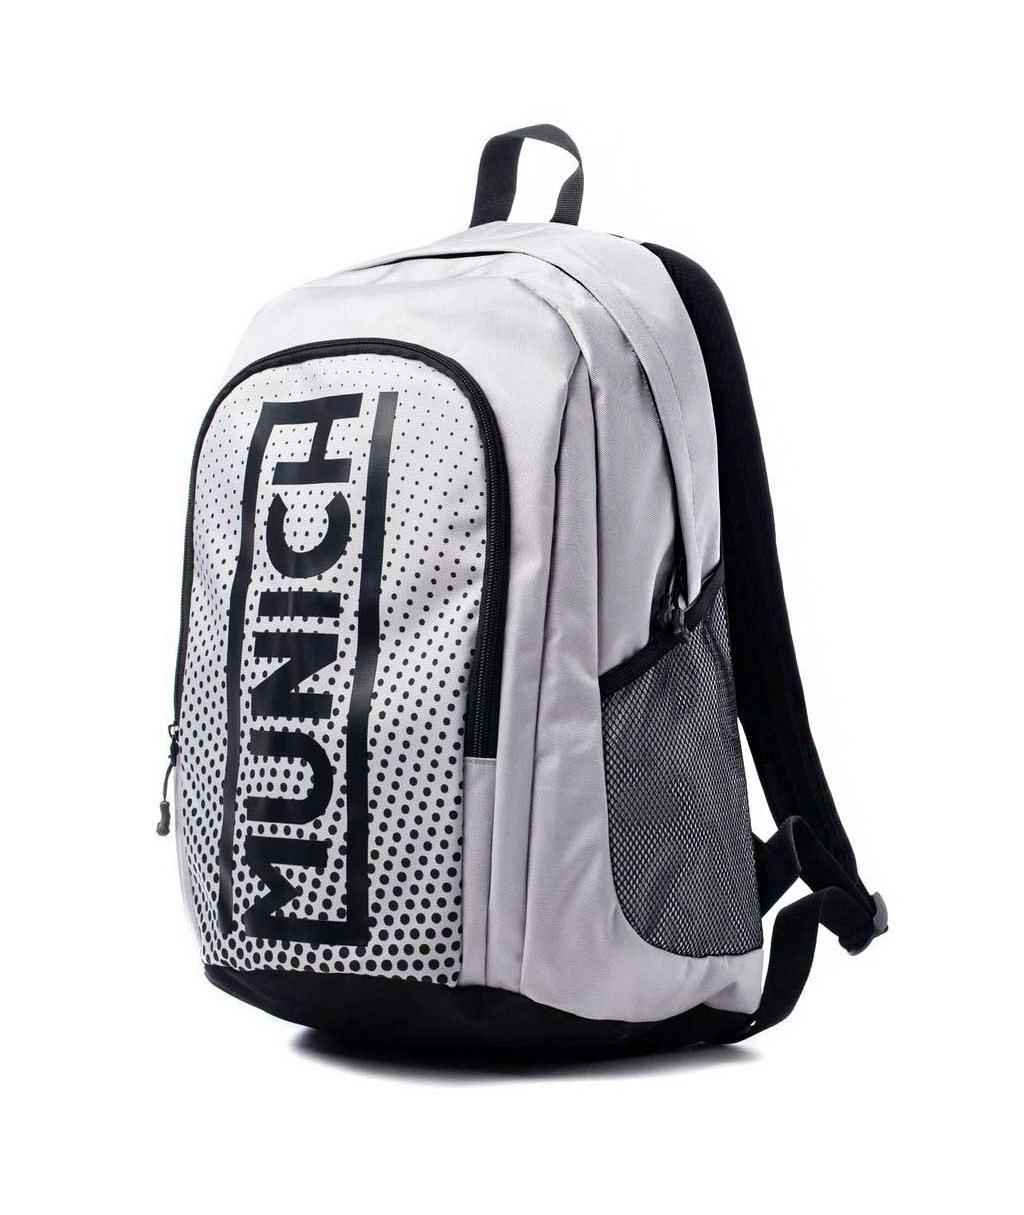 Купить белый рюкзак Munich Backpack 6500149 в интернет-магазине